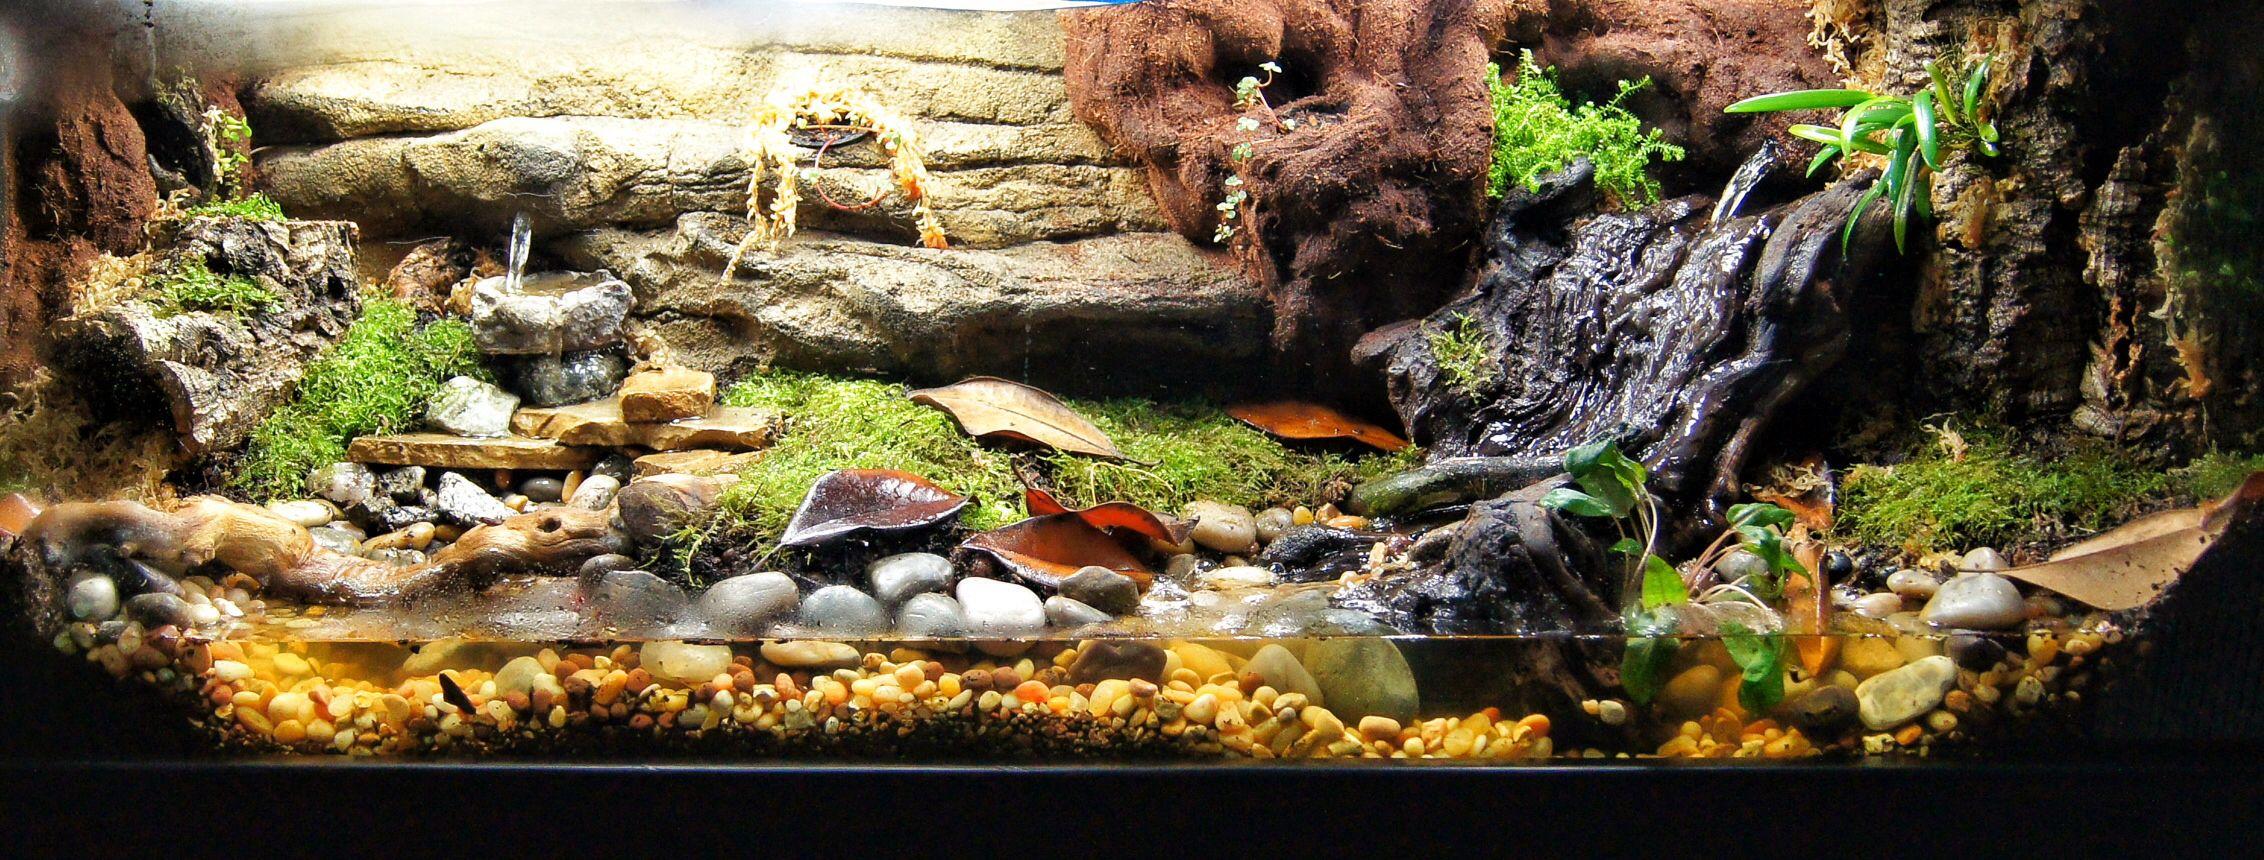 40 Gallon Custom Vivarium Frogs And Vivariums Frog Terrarium Poison Dart Reptile